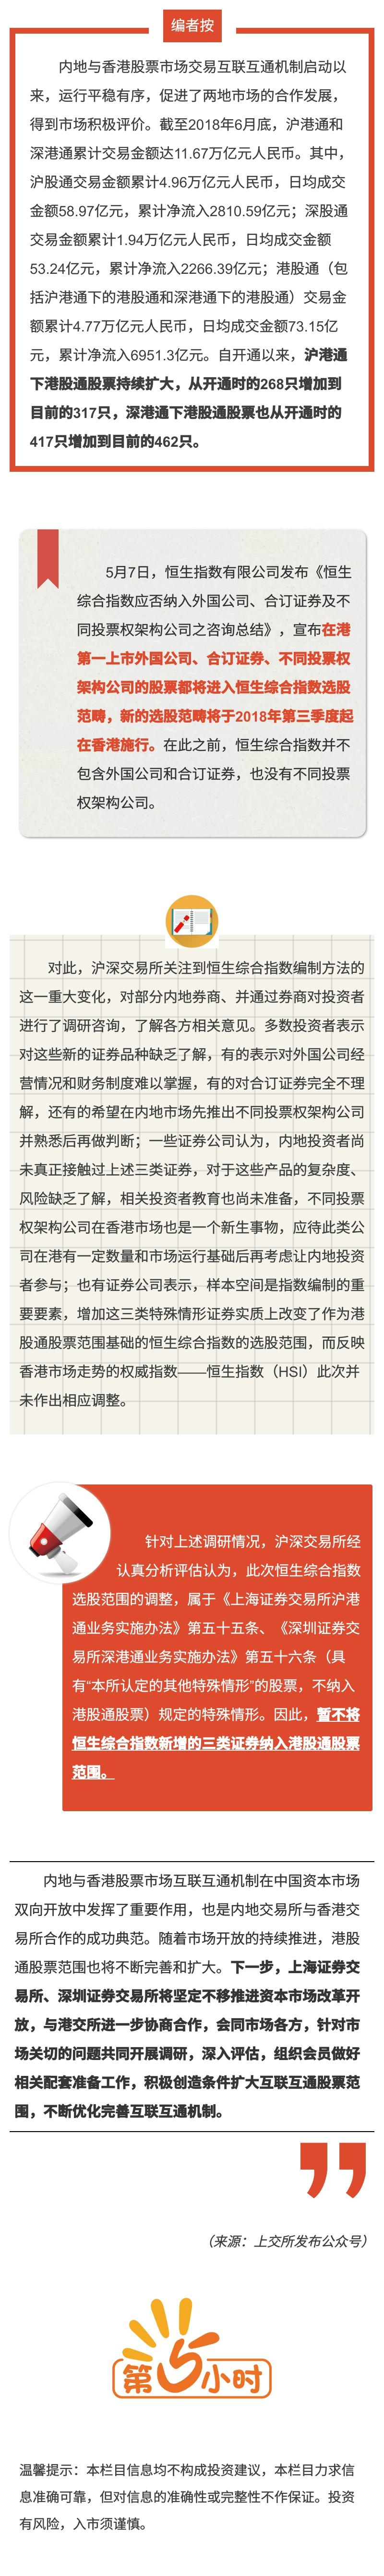 沪深交易所对互联互通机制下港股通股票范围调整做出相应安排.jpg